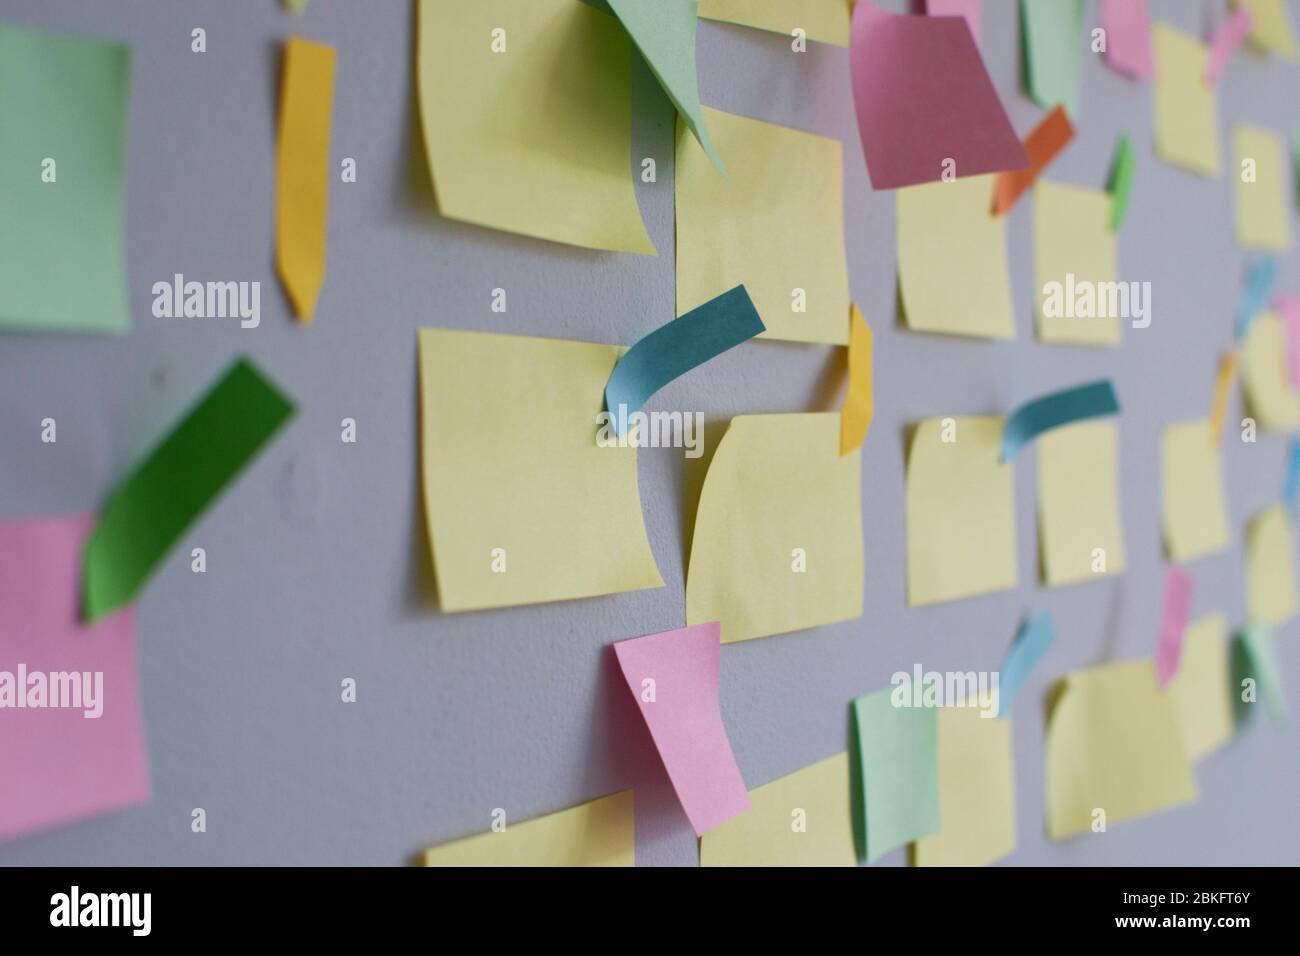 Comité Kanban y metodología ágil. Las empresas prefieren la metodología ágil, scrum y gestión de proyectos, especialmente durante el desarrollo de software Foto de stock